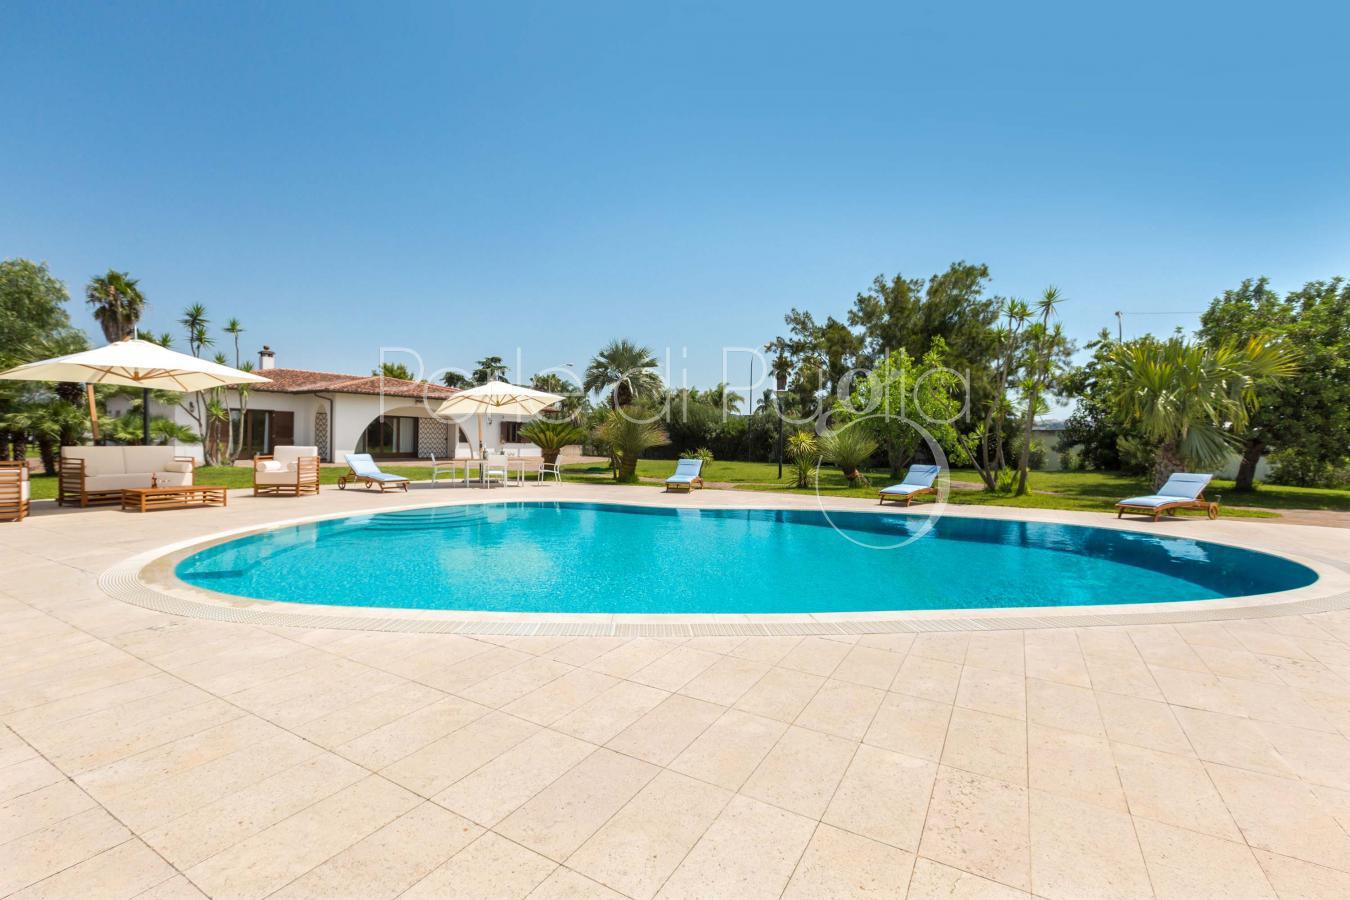 Vacanze con piscina e palestra zona gallipoli villa carrisi - Palestra con piscina ...